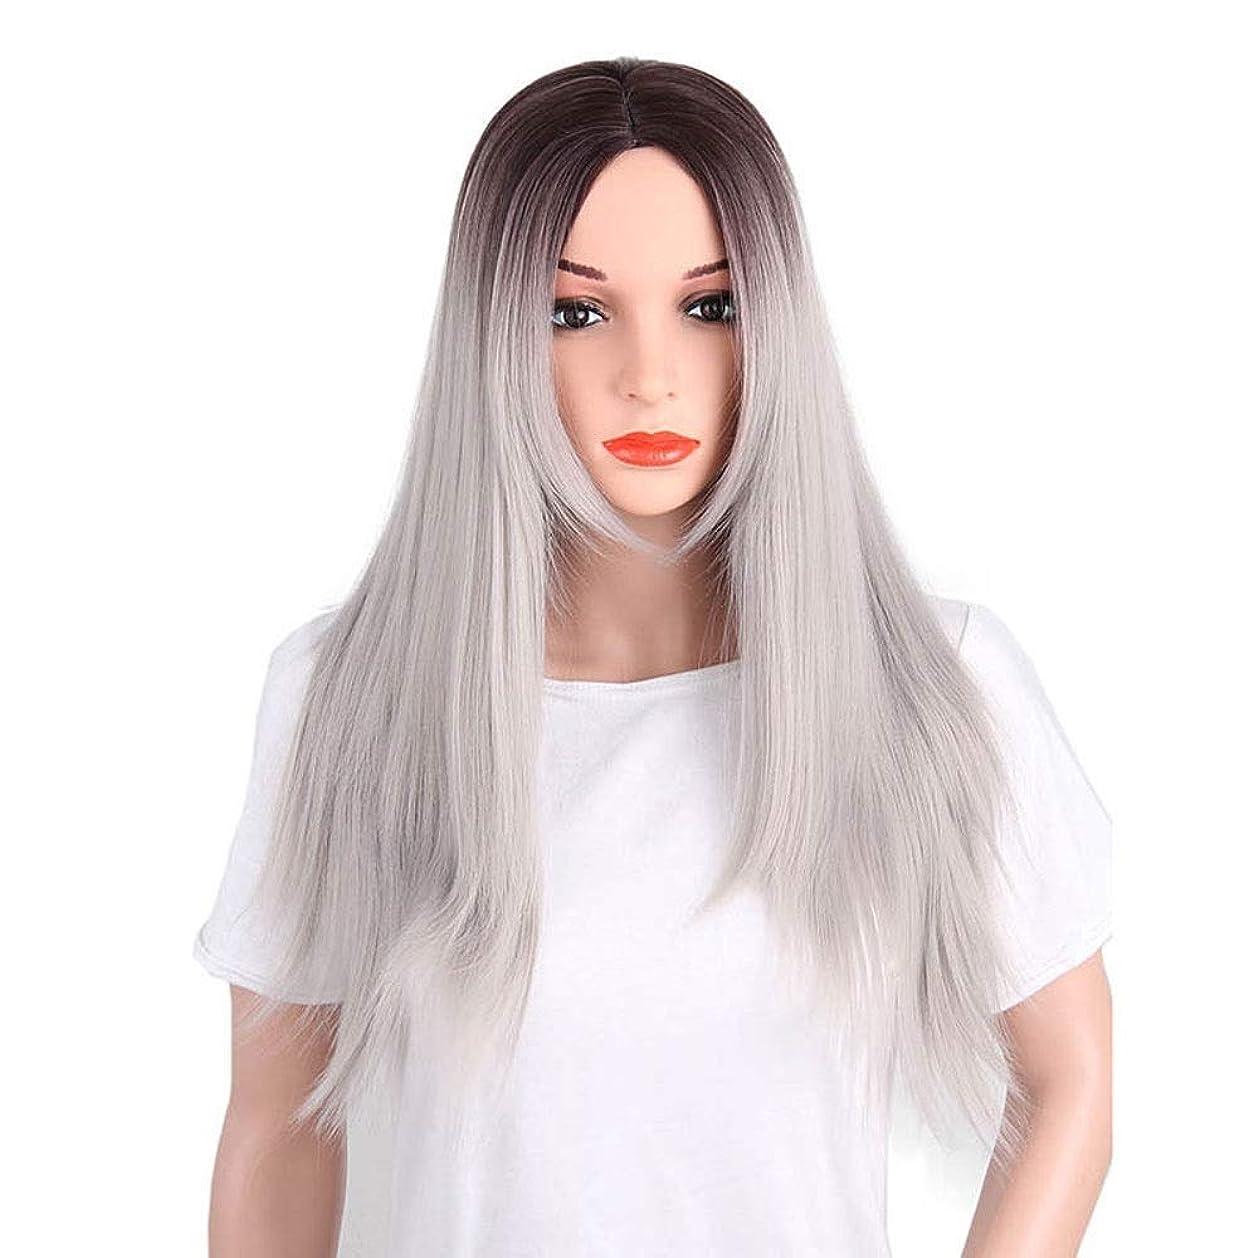 非効率的な粒子名門かつら ハイエンドの女性のヘアピース、マルチカラーの女性の長いかつら化学繊維高温シルク素材のかつら、日常の使用に適したDIYの髪のかつらさまざまな祭り (Color : Gray)